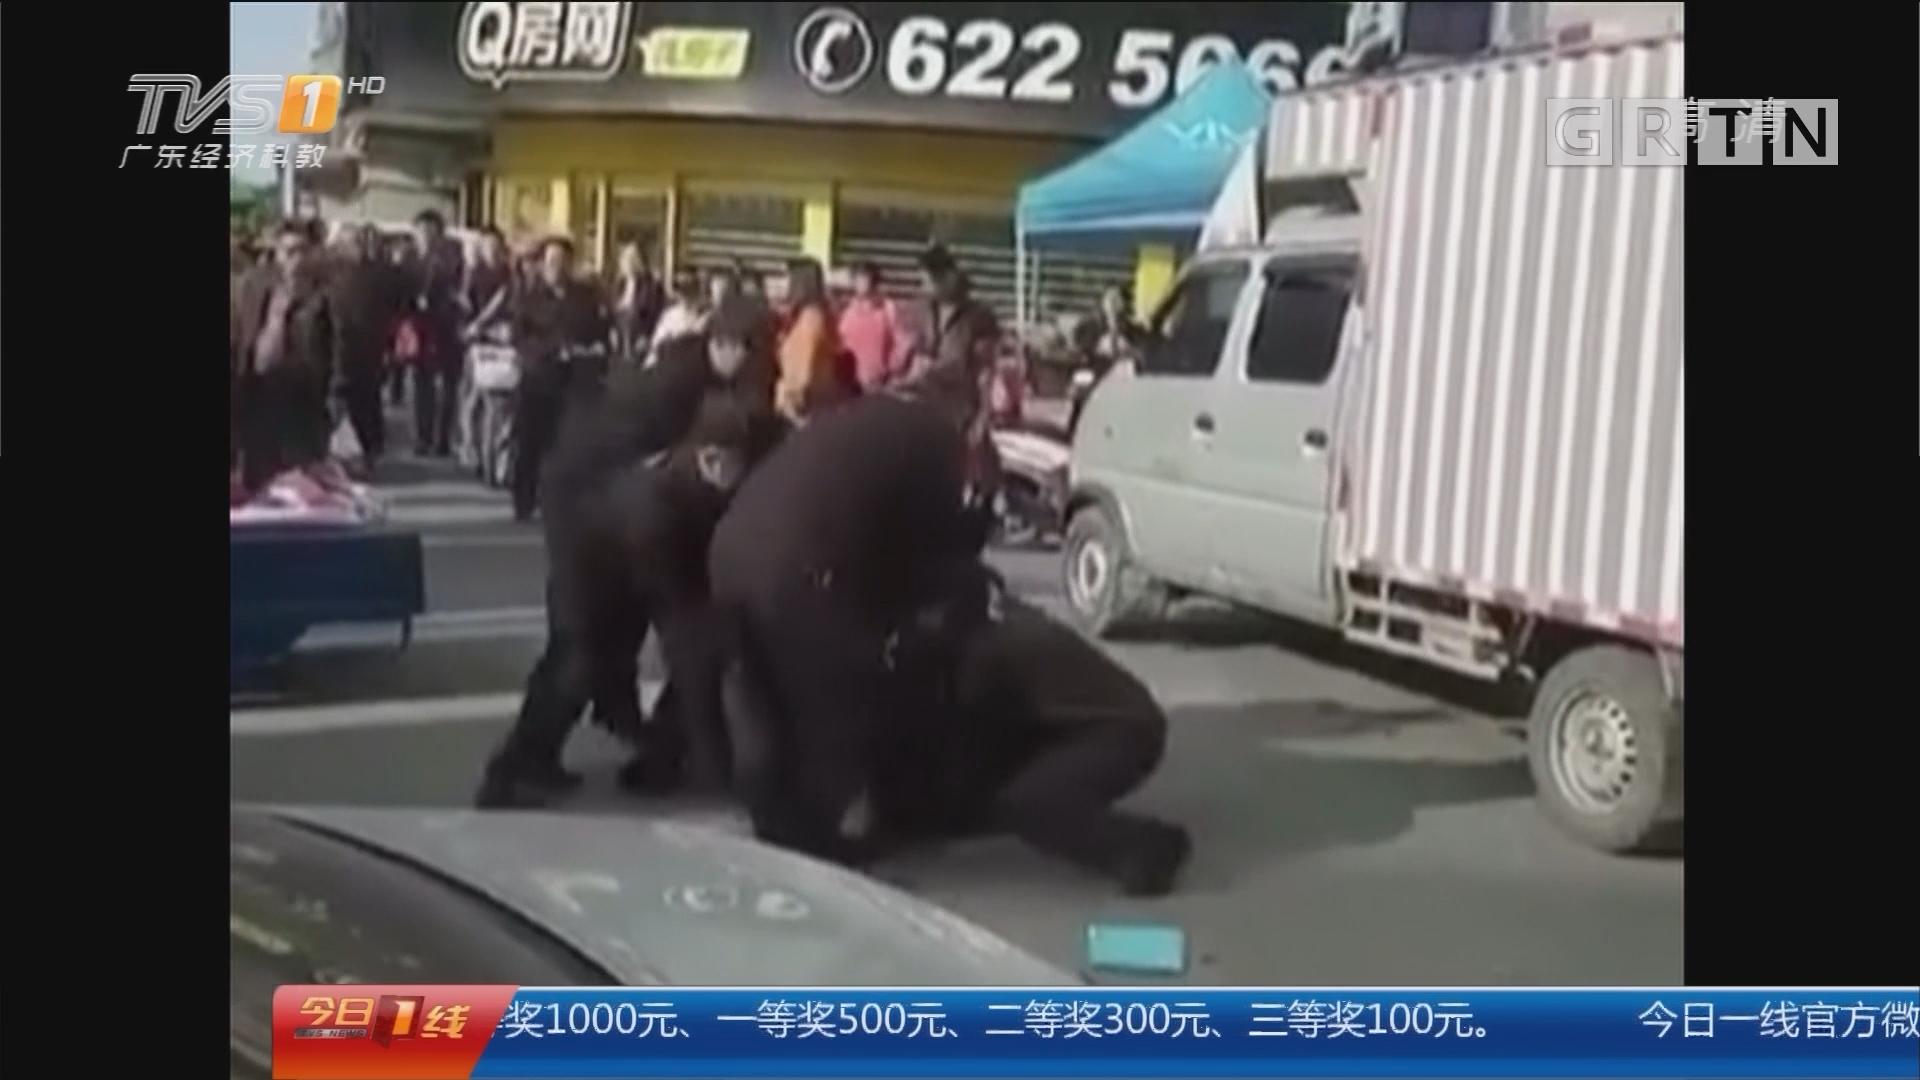 珠海金湾区 街坊质疑:珠海城管为何开深圳车执法?